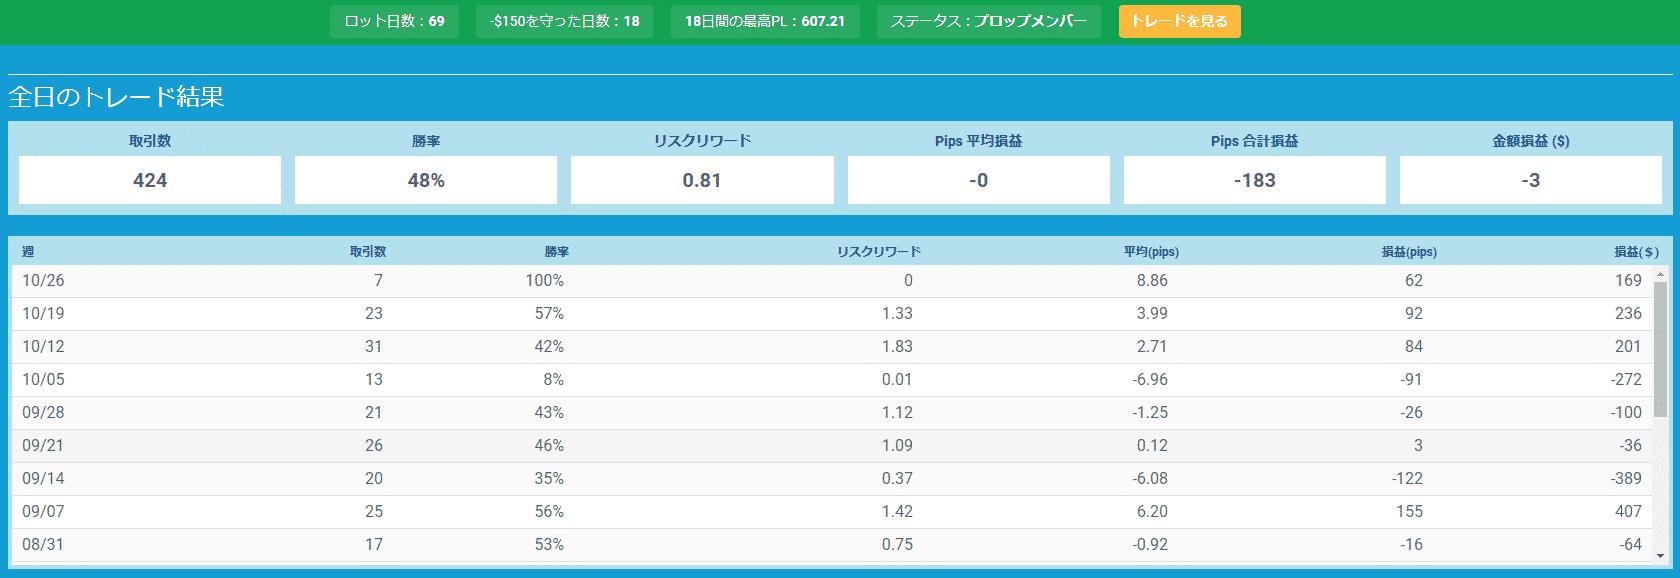 プロップトレーダーチャートTani3